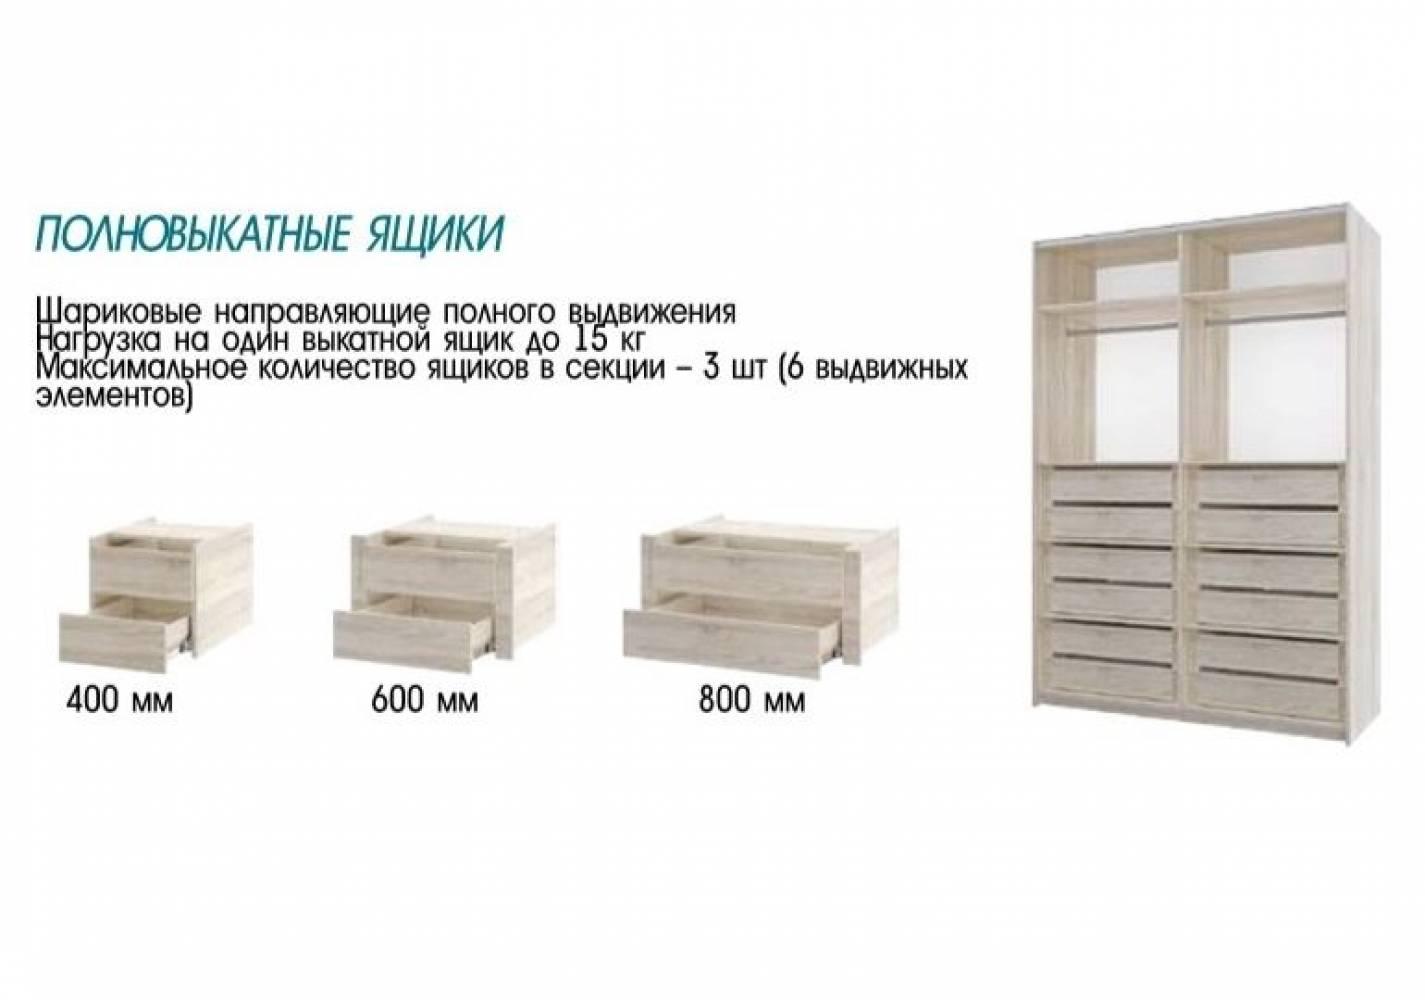 Шкаф Фортуна-18 (2400) 400/400/800/800